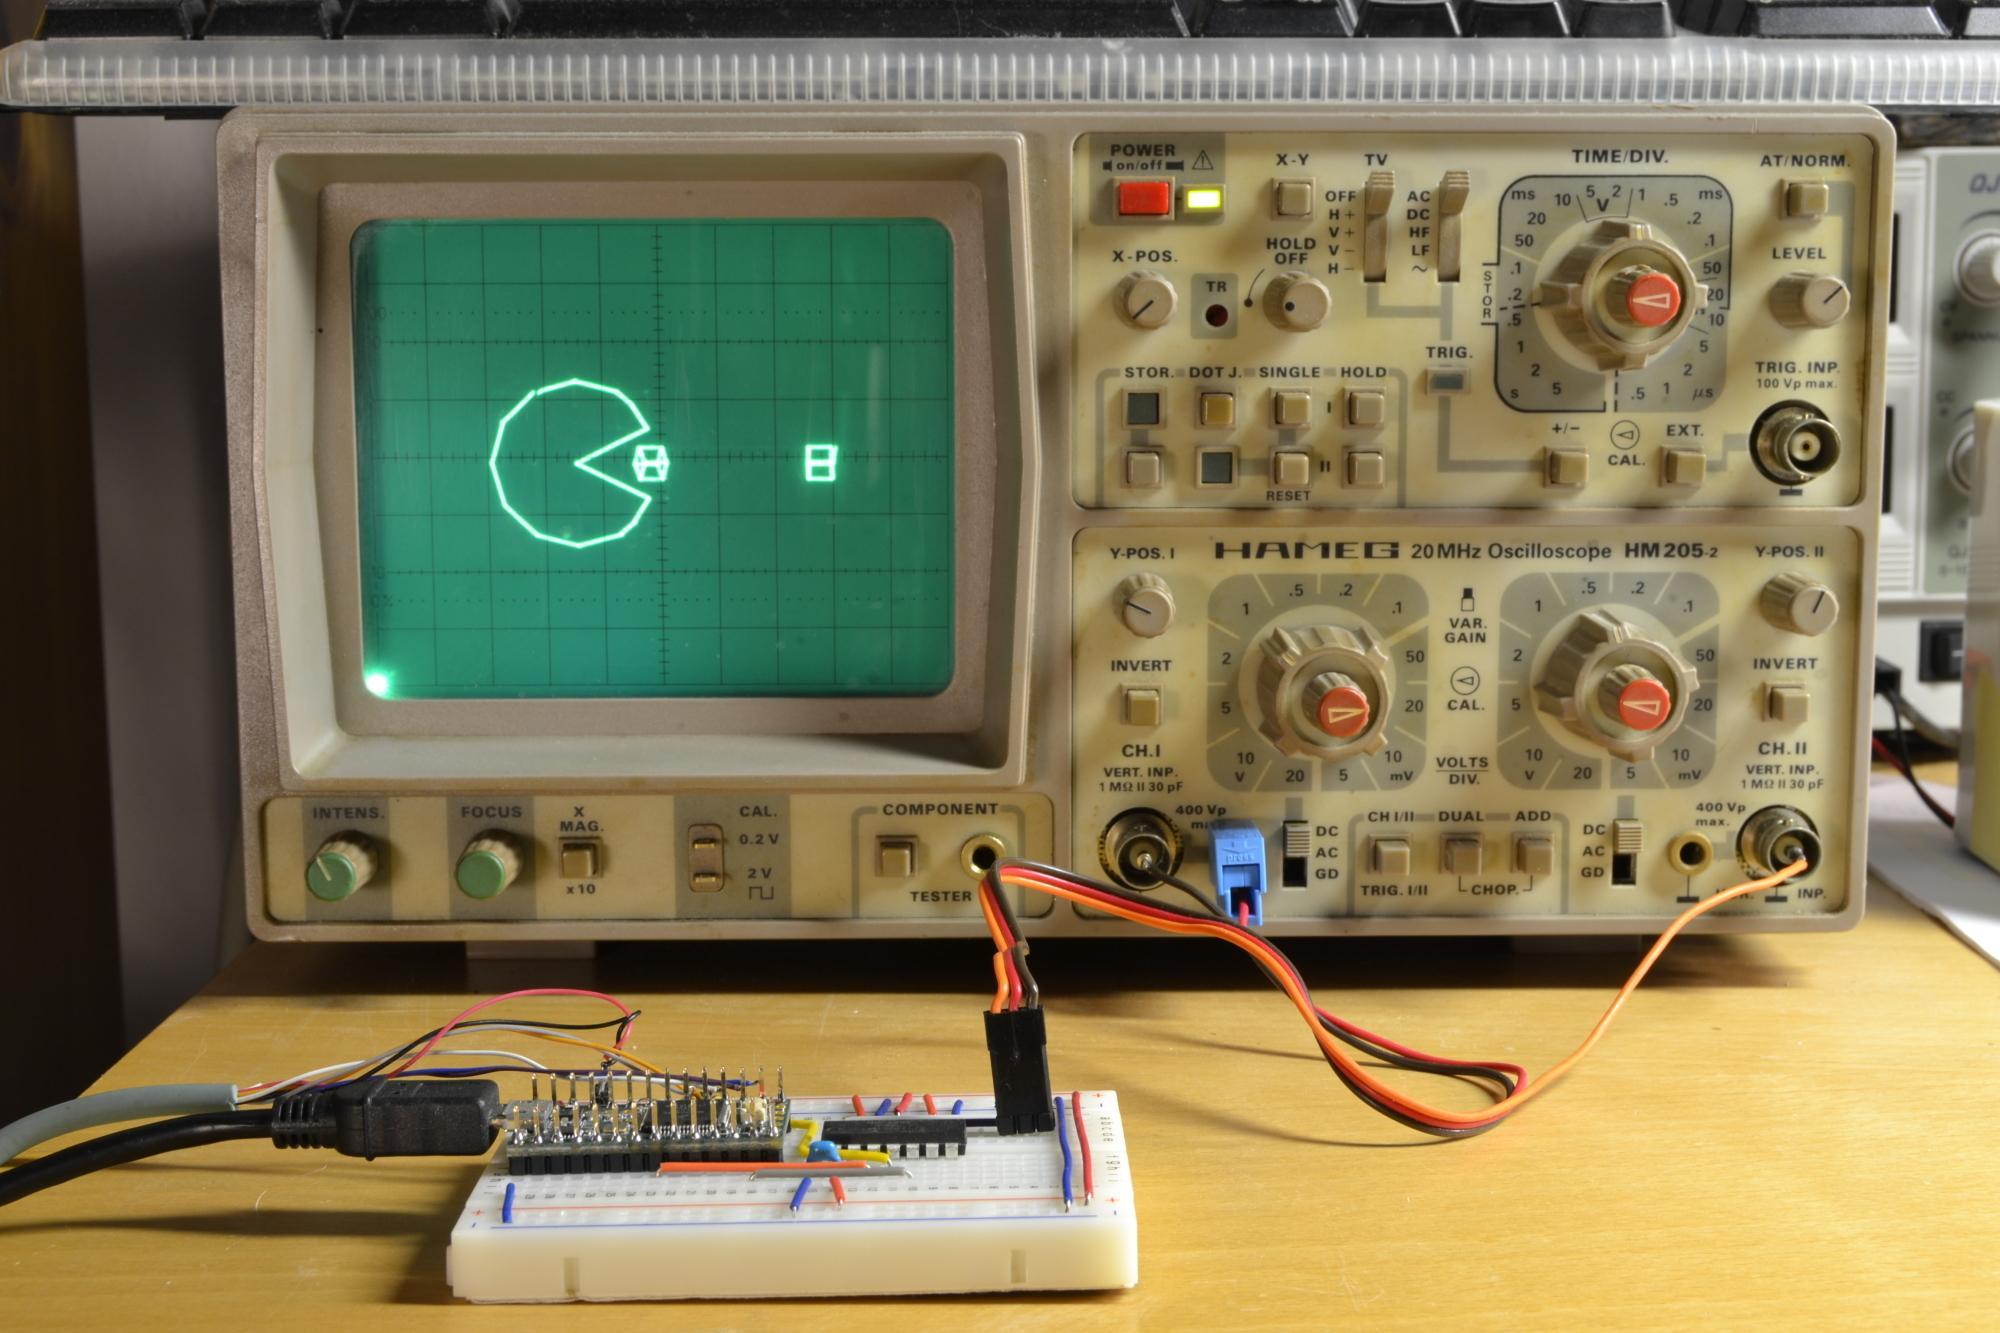 Oszilloskop mit Pacman